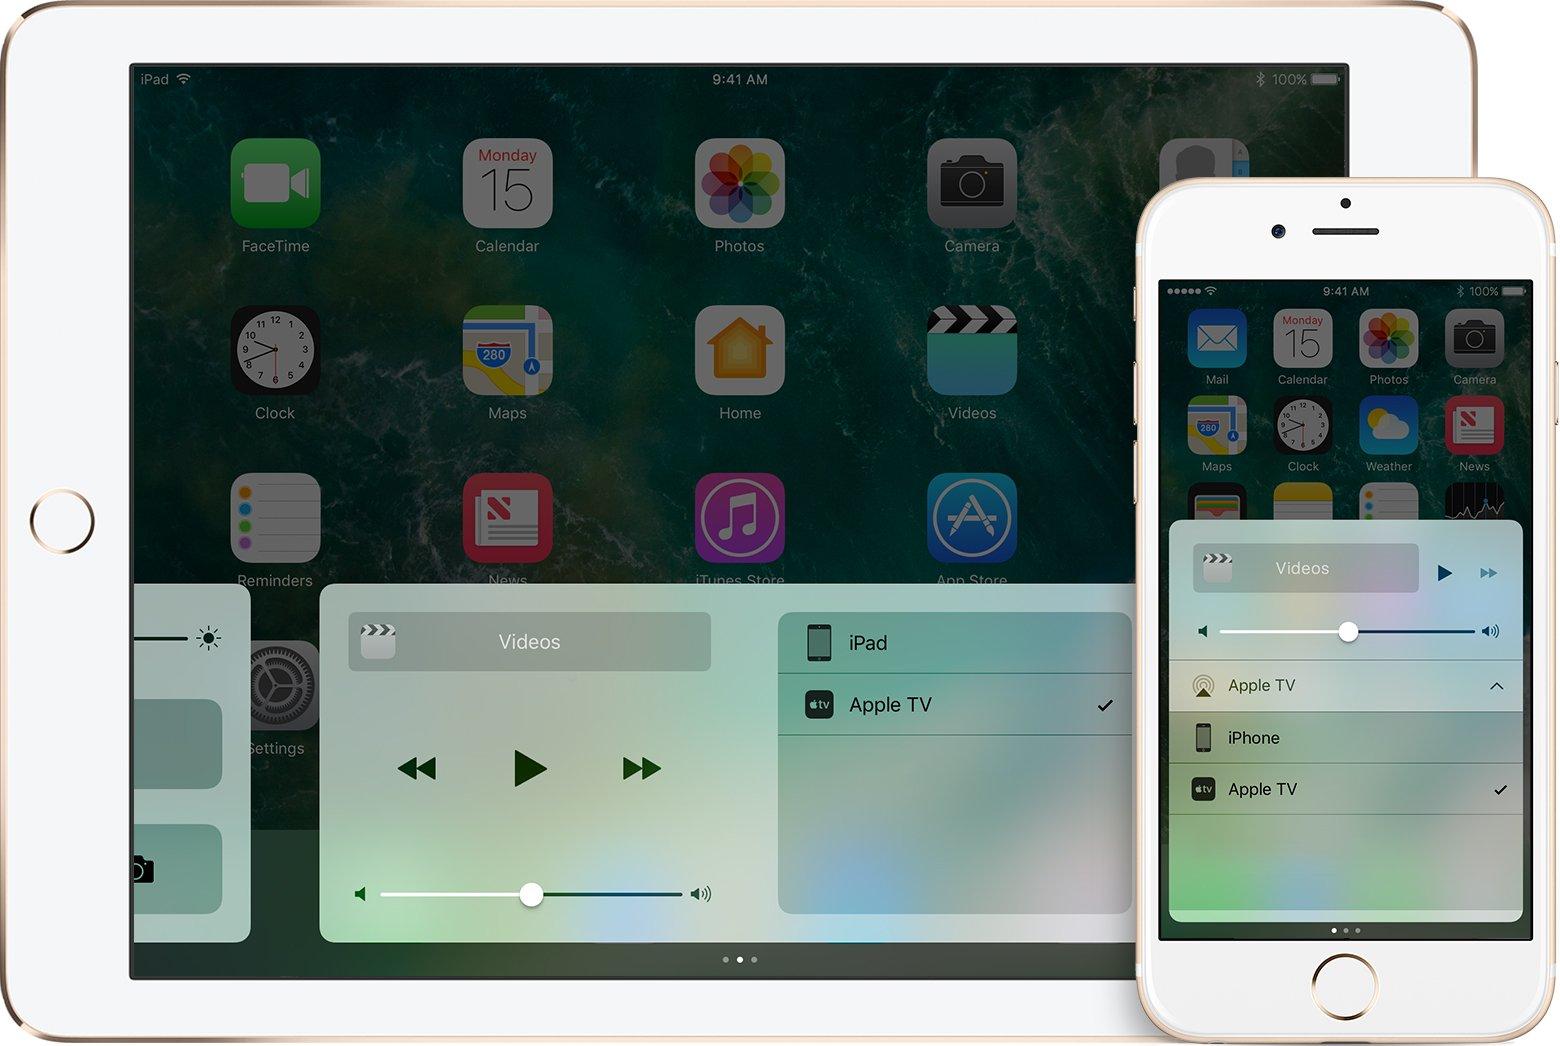 А как работают сторонние приложения, когда гаснет экран?